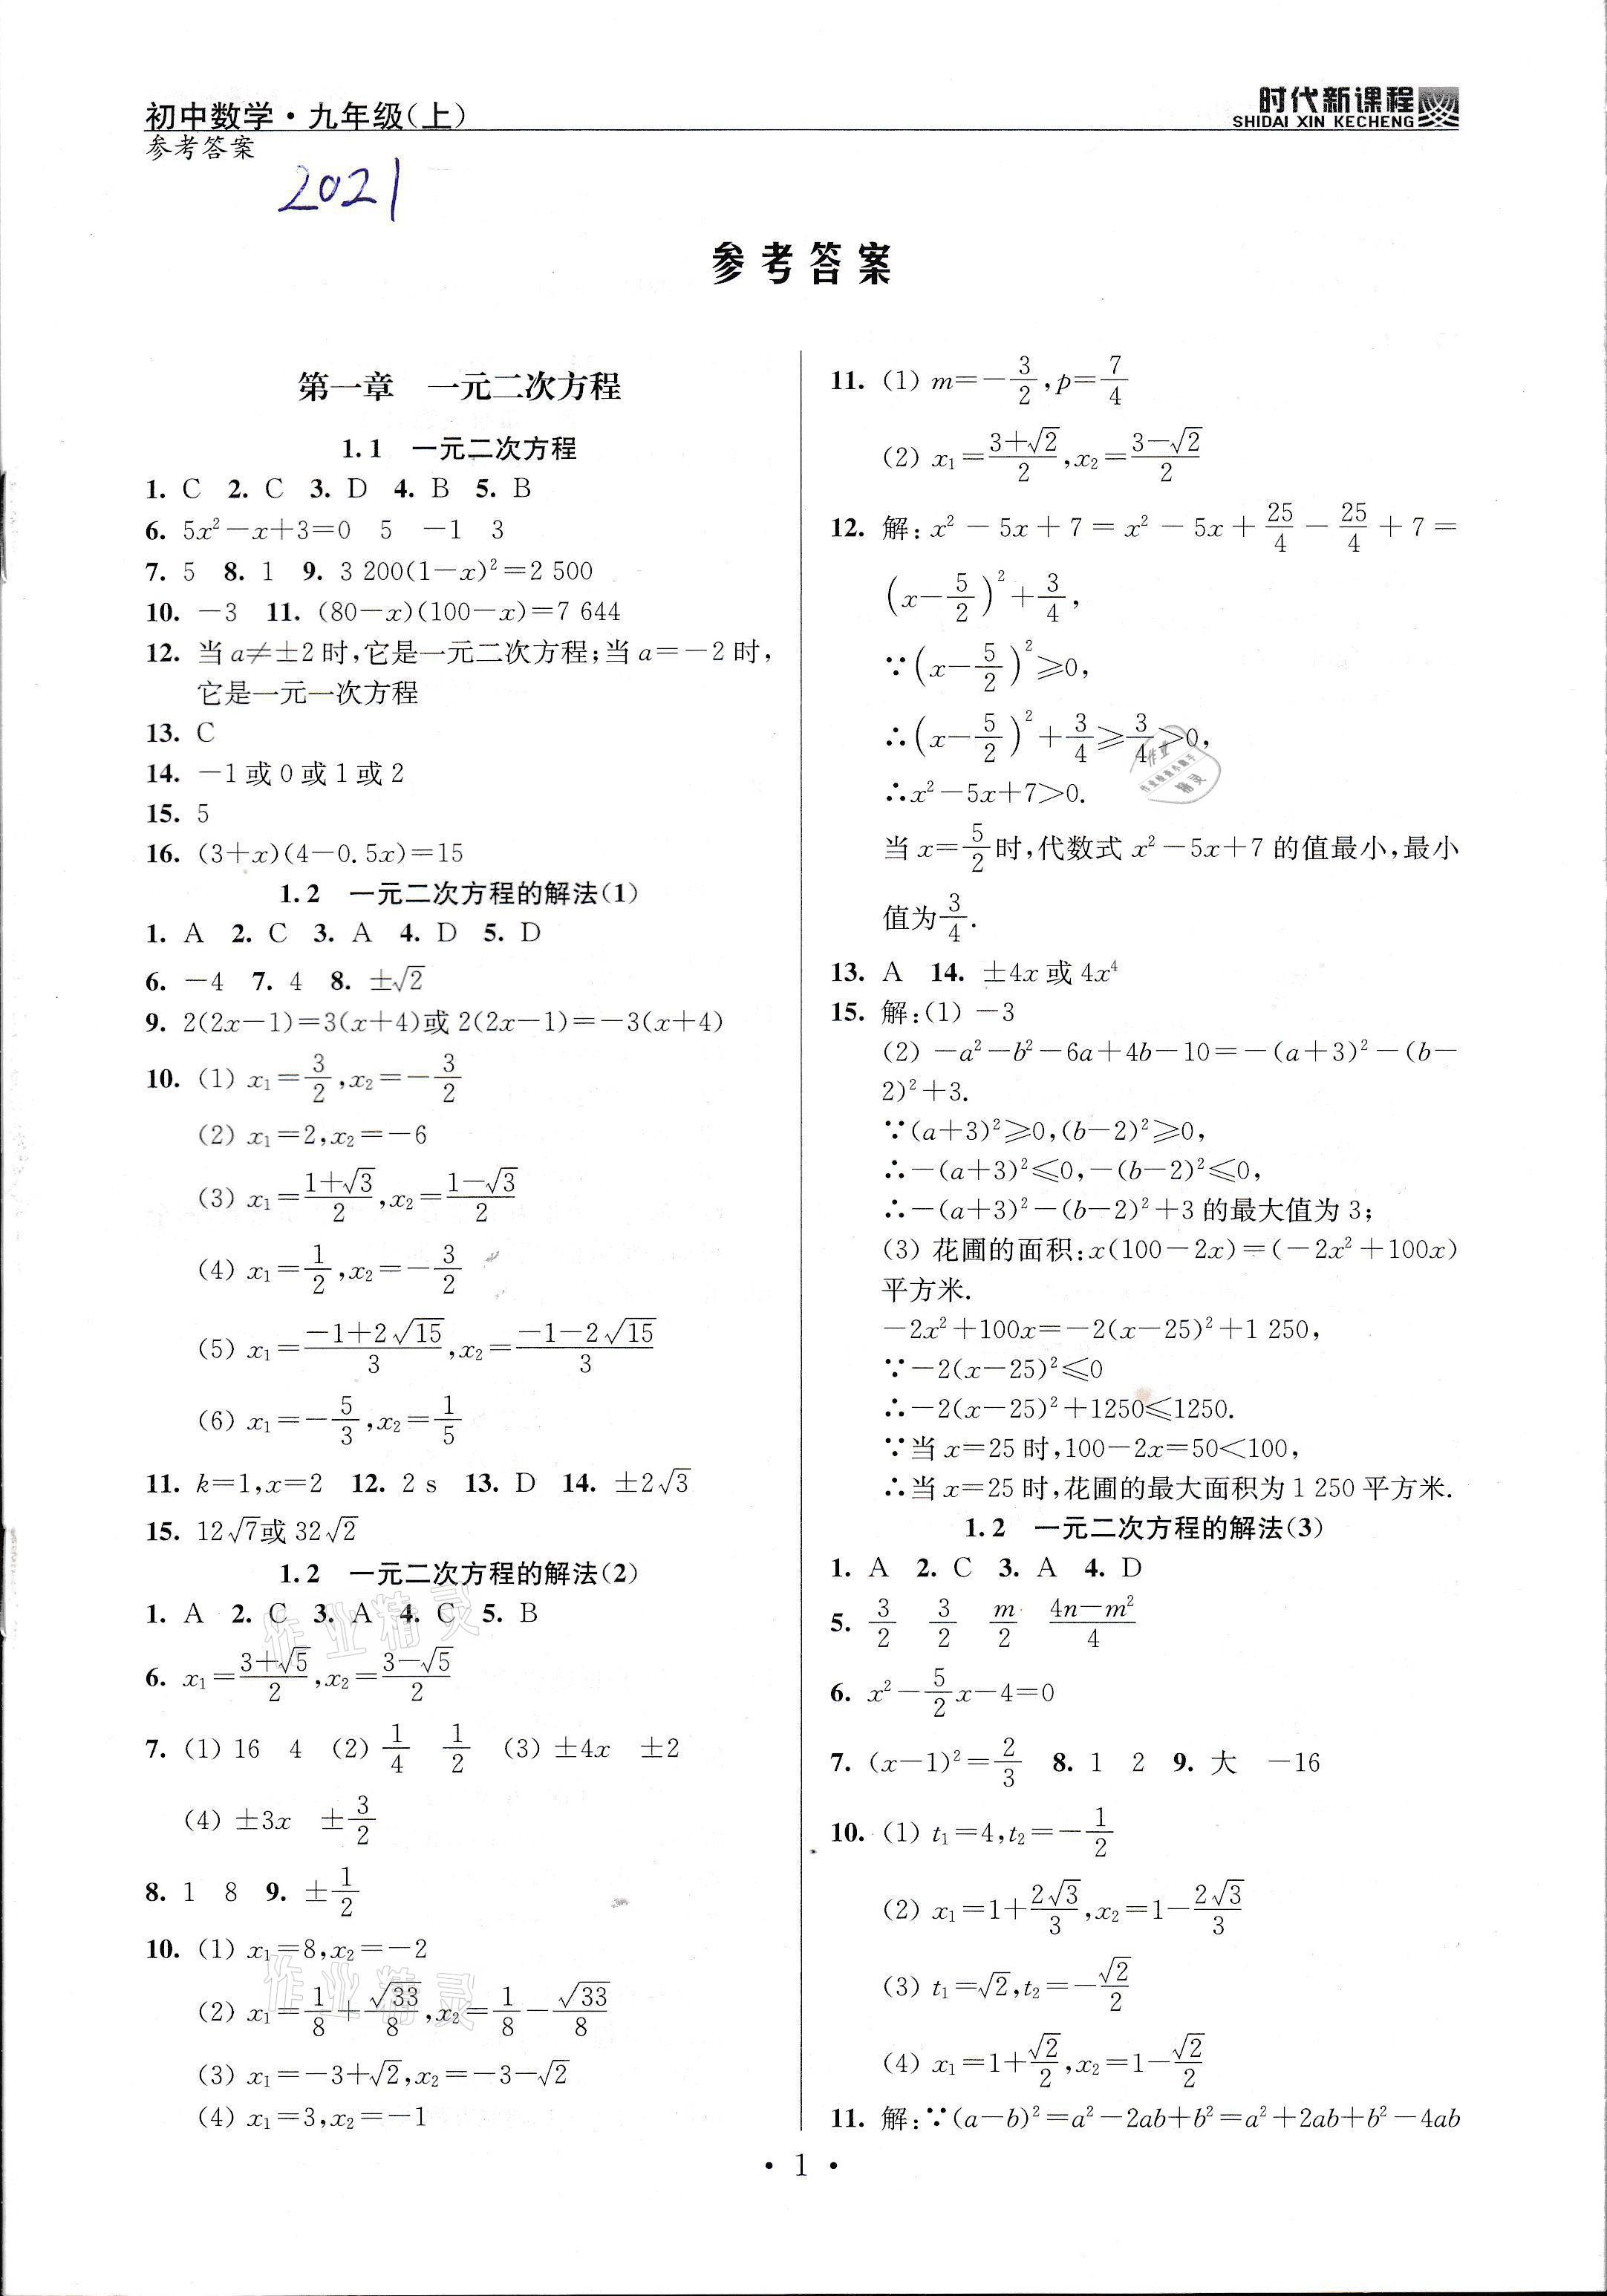 2021年时代新课程九年级数学上册苏科版参考答案第1页